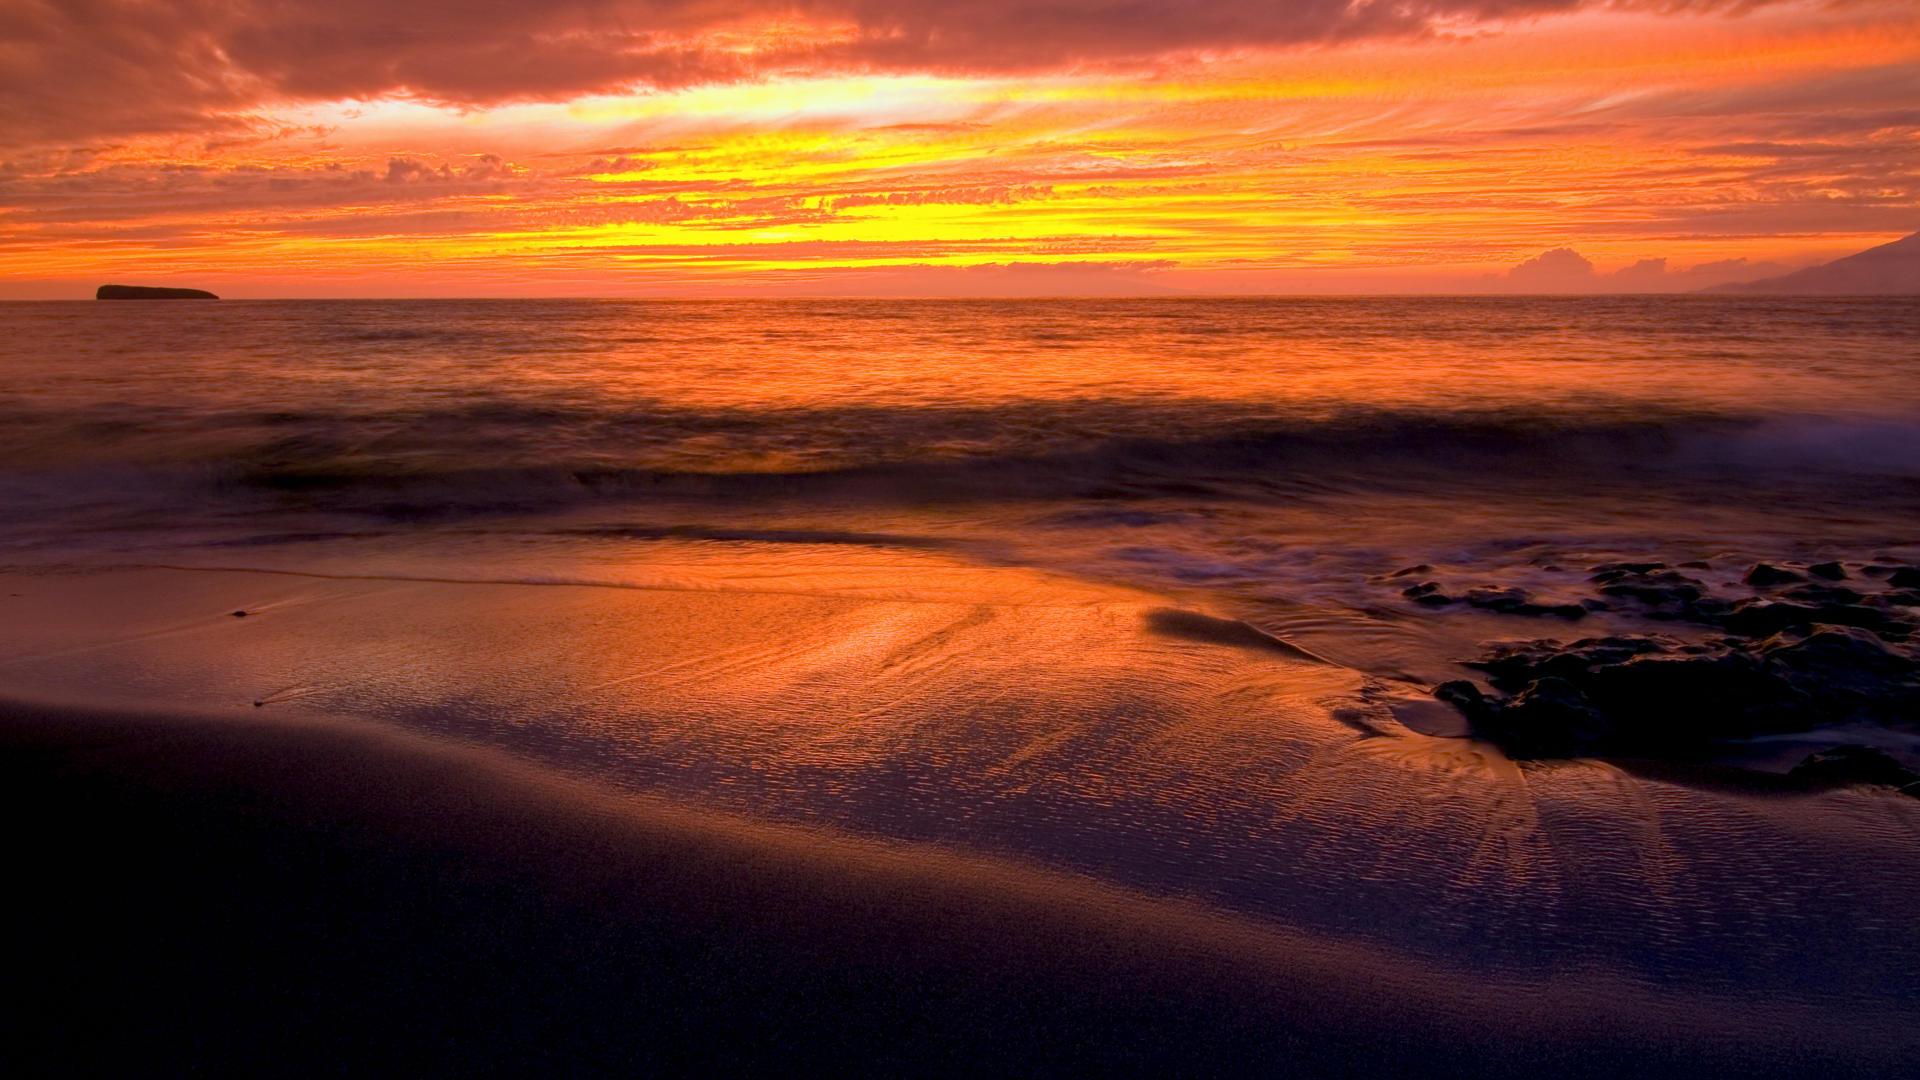 Sunset Beach | Free Desktop Wallpapers for Widescreen, HD ...